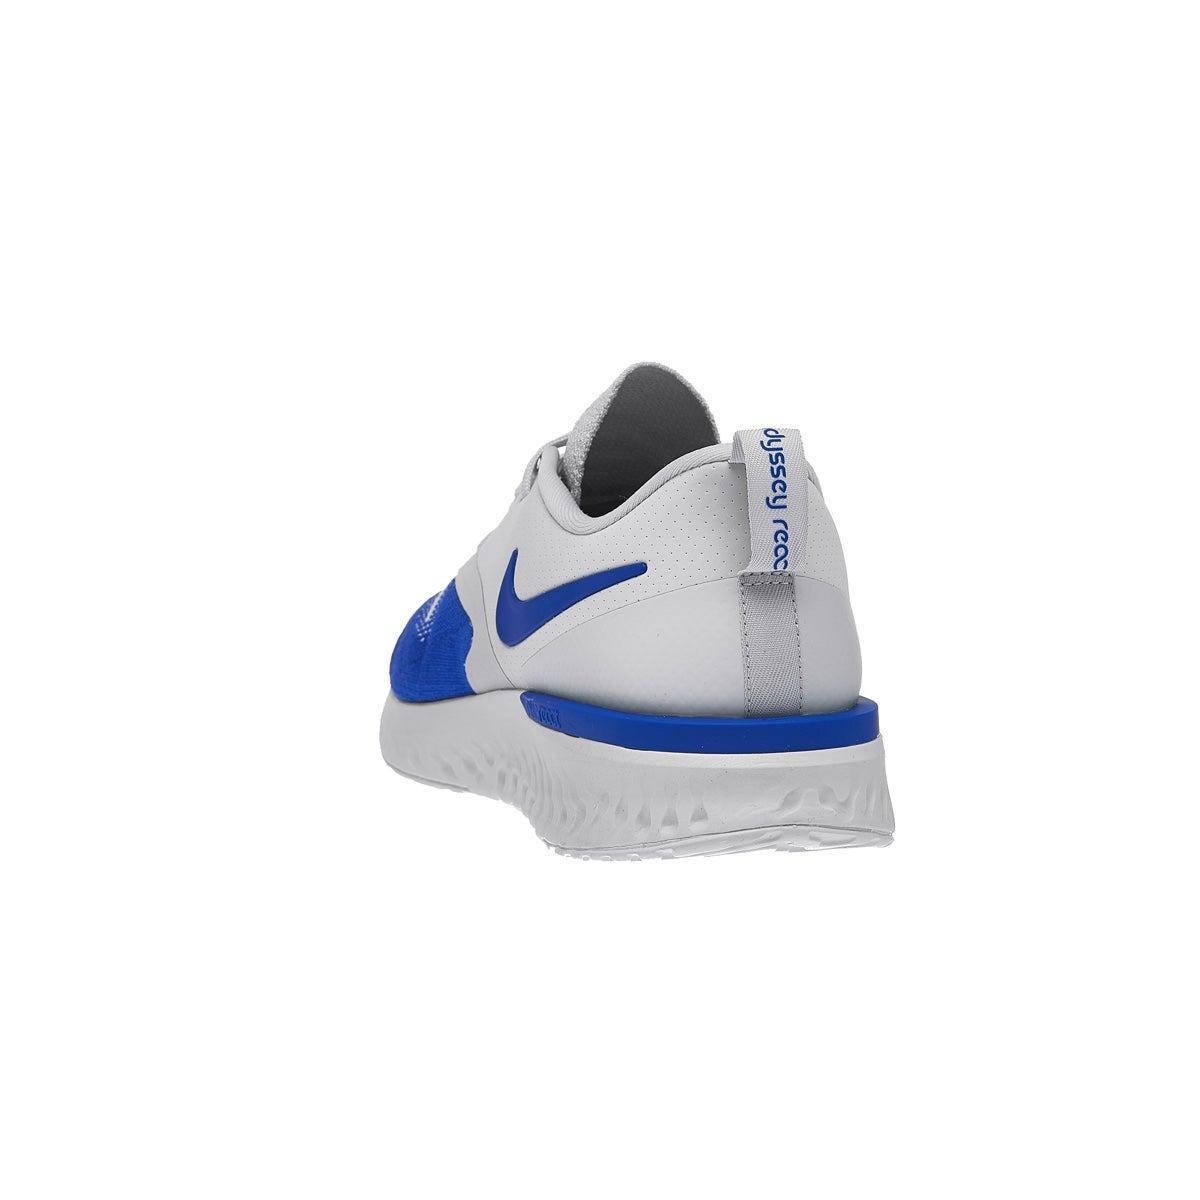 Nike Odyssey React 2 Flyknit Men's